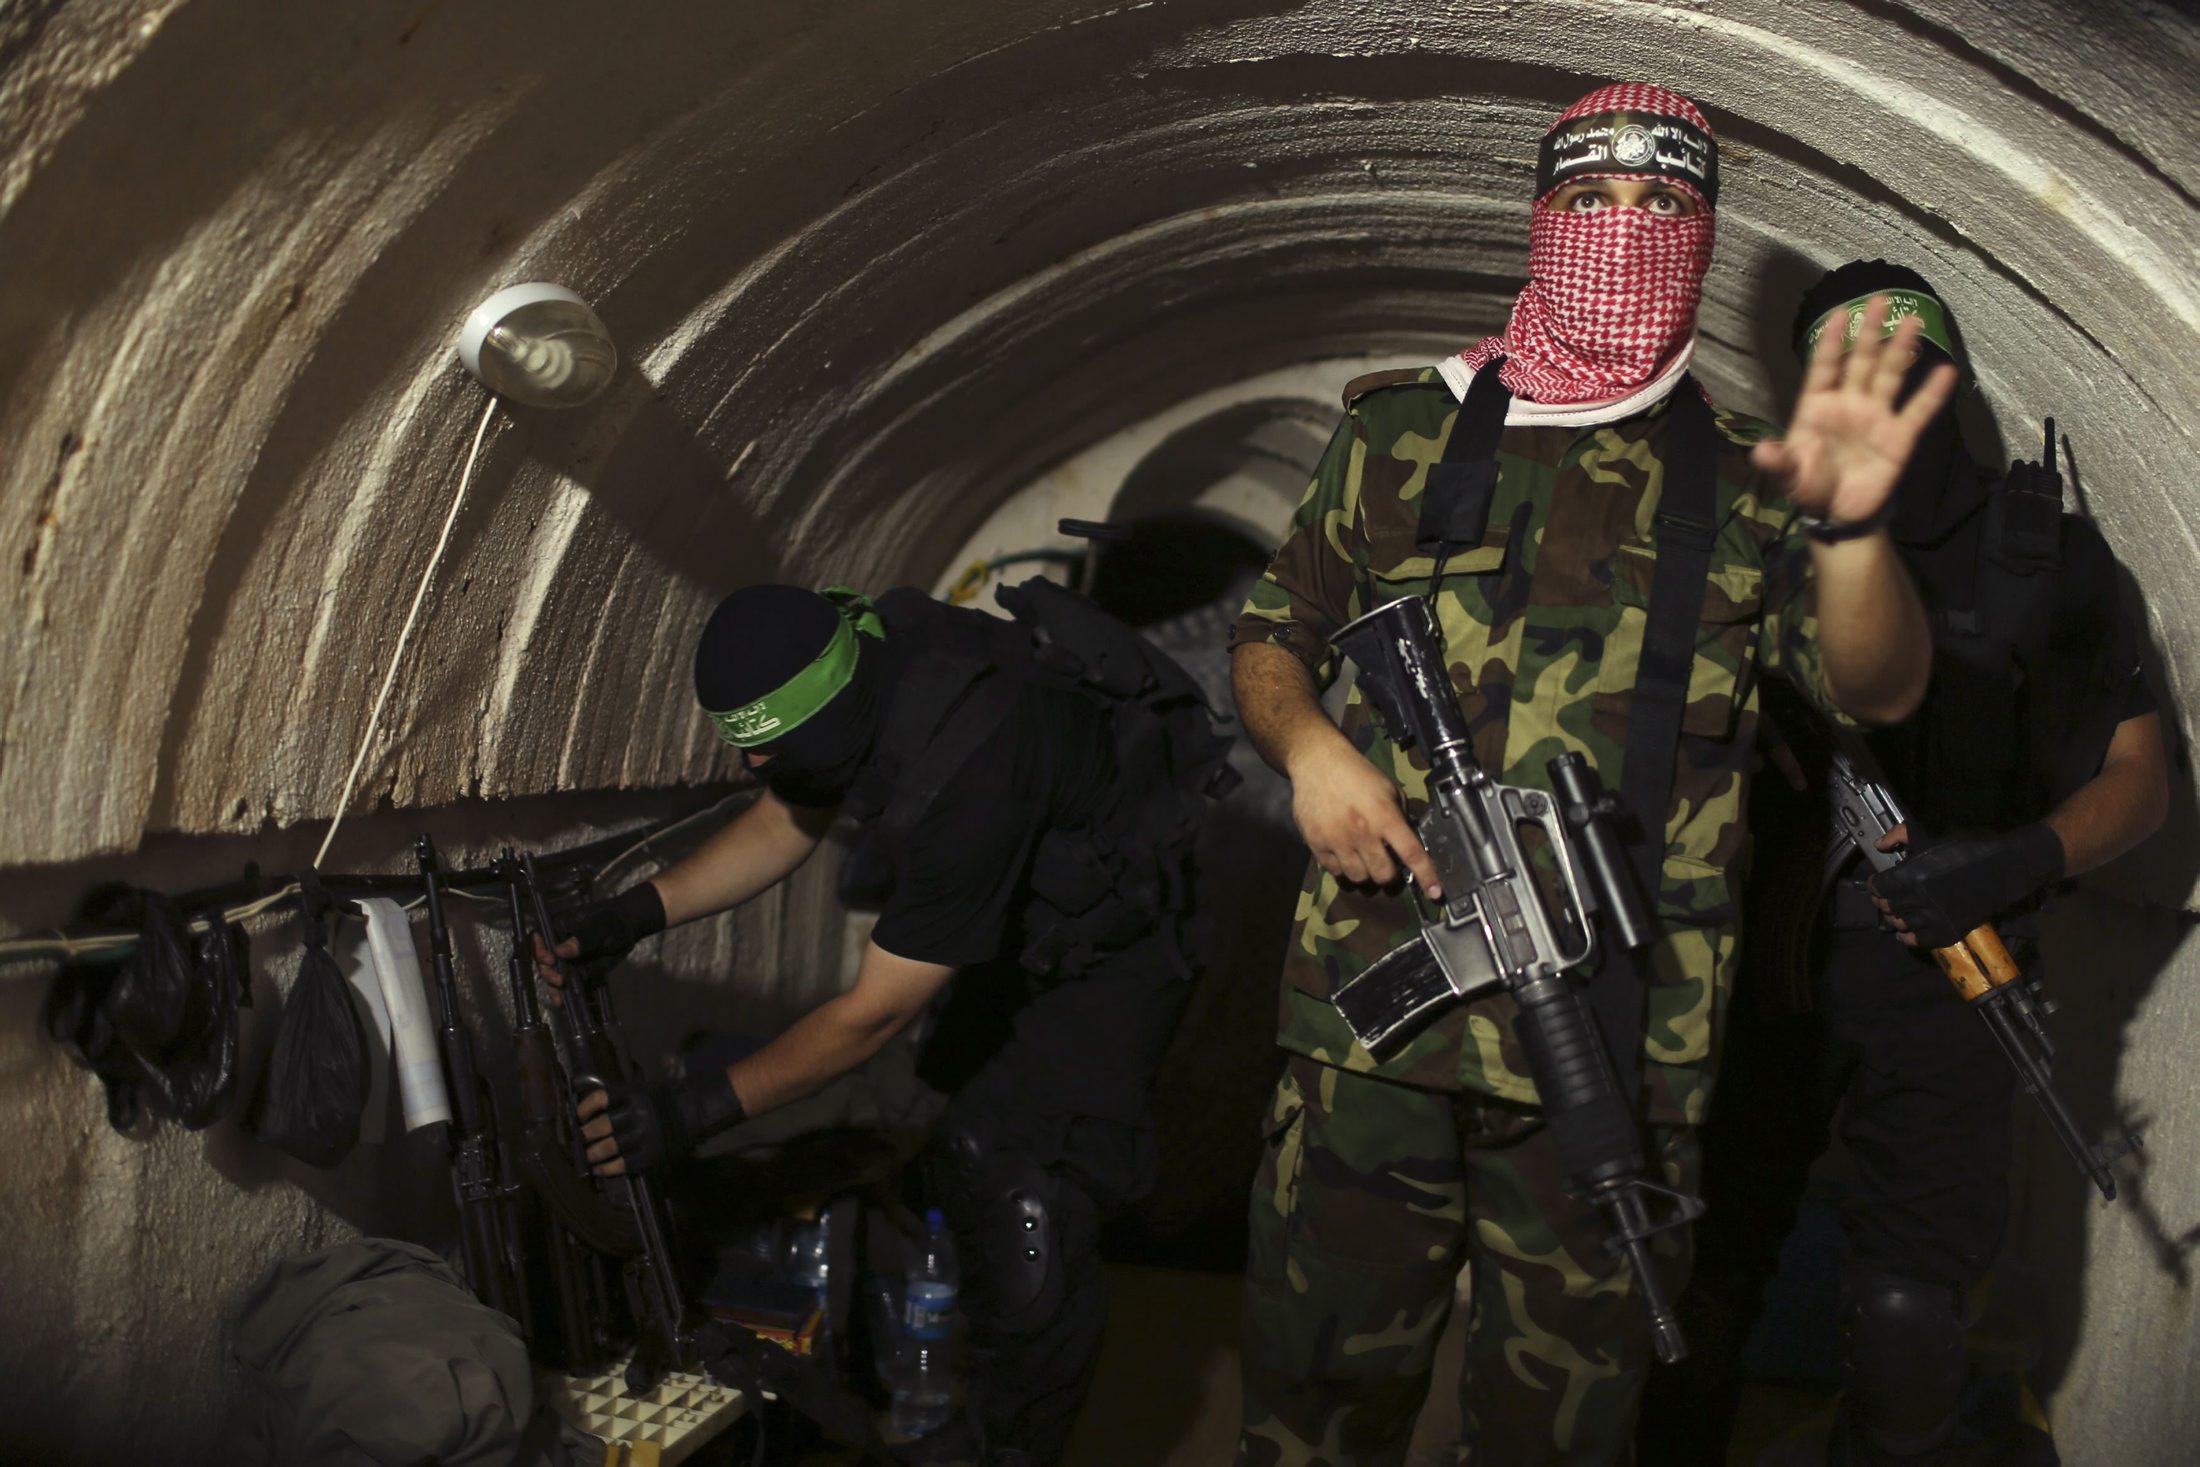 המנהרה הוצגה בפני כתבים